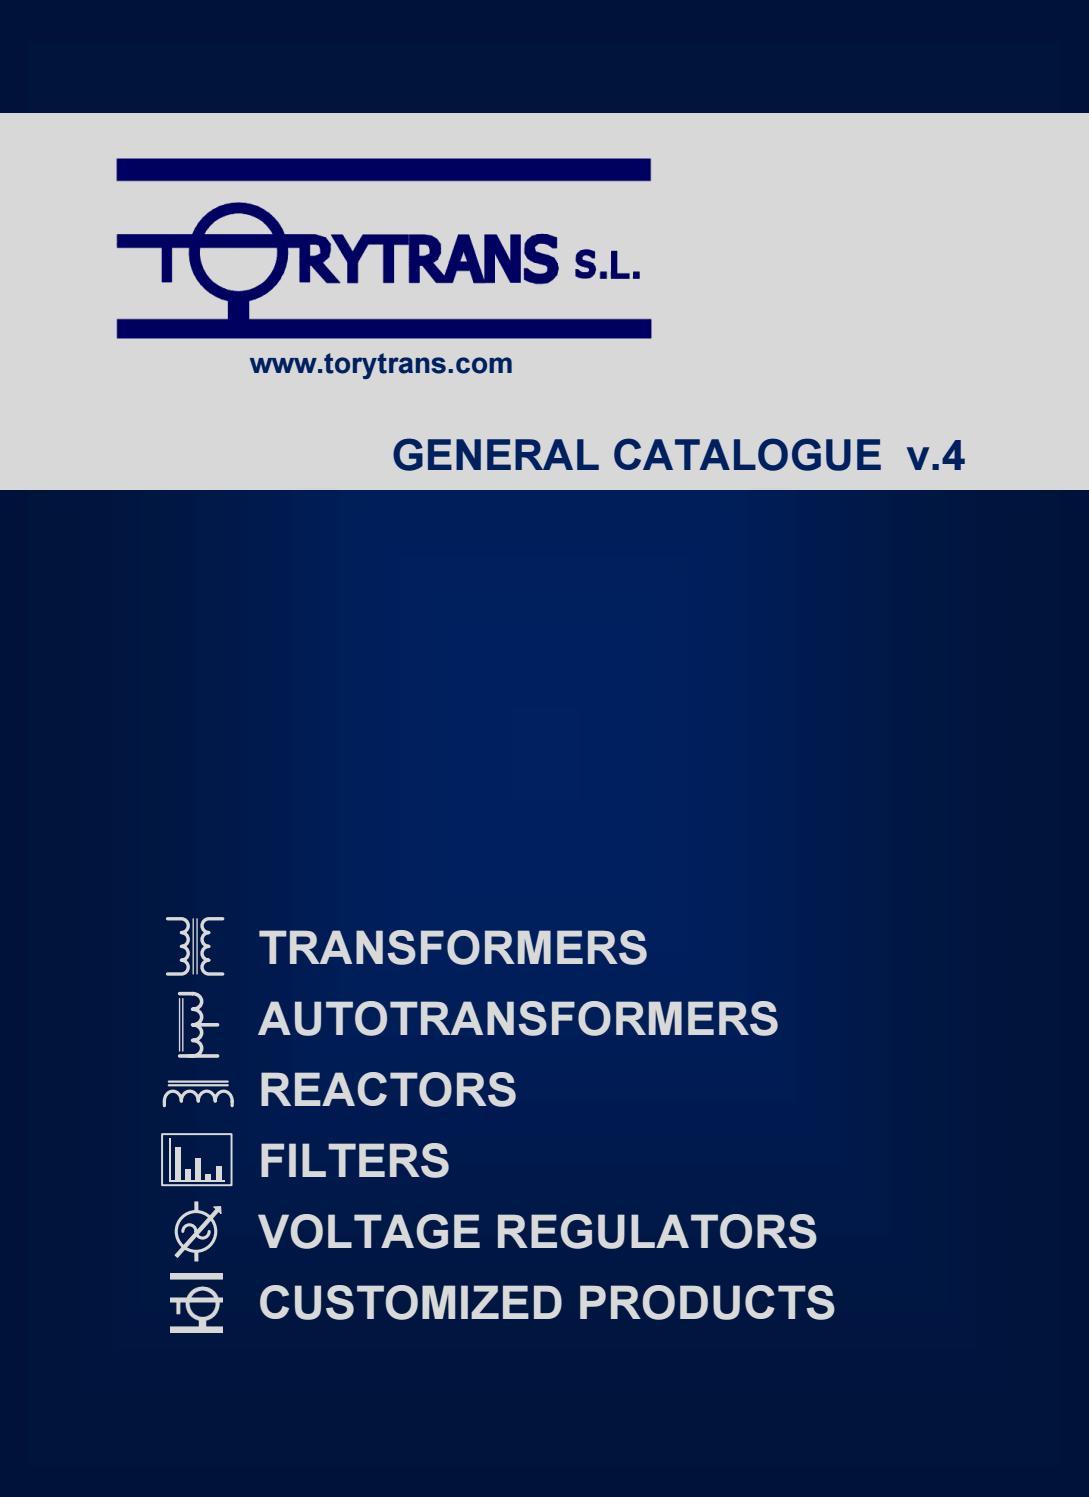 General Catalogue V4 En By Torytrans Sl Issuu 225 Kva Transformer Wiring Diagram